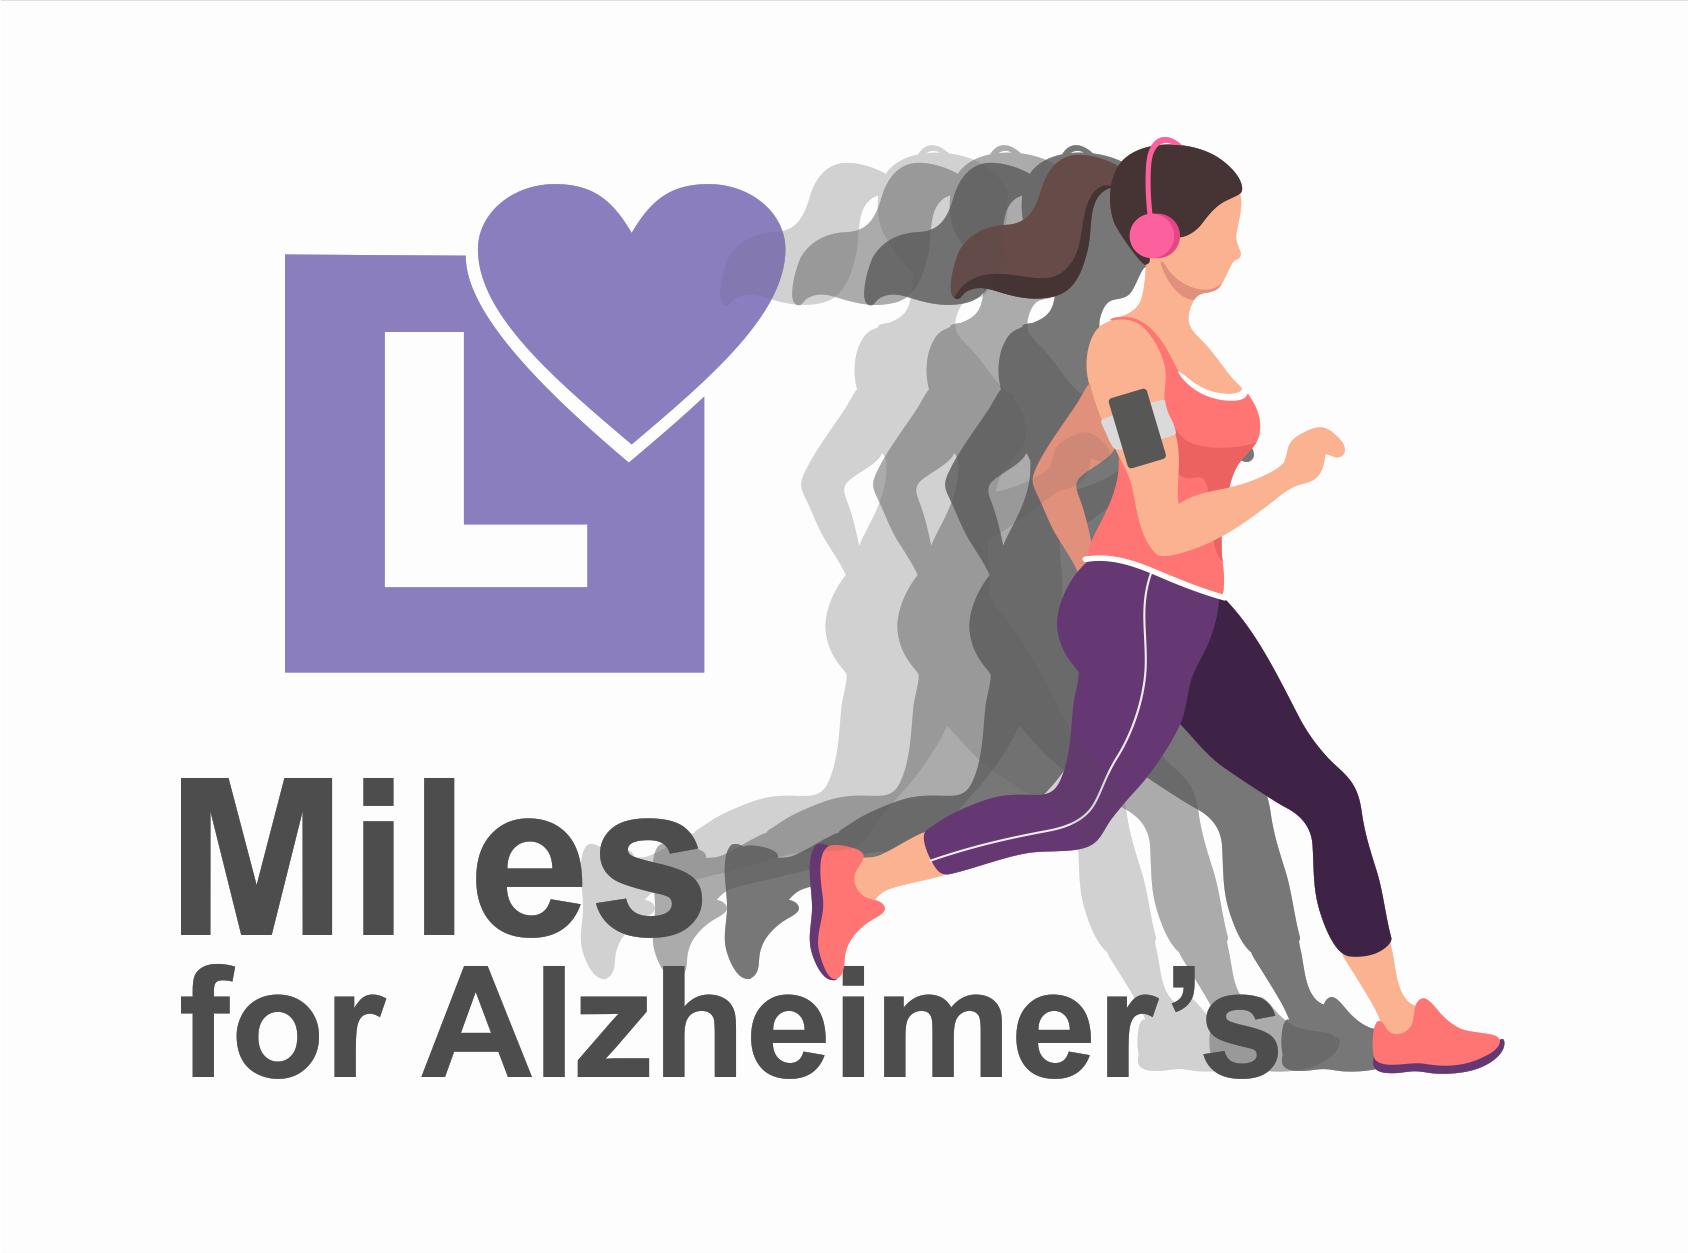 Mile for Alzheimer's